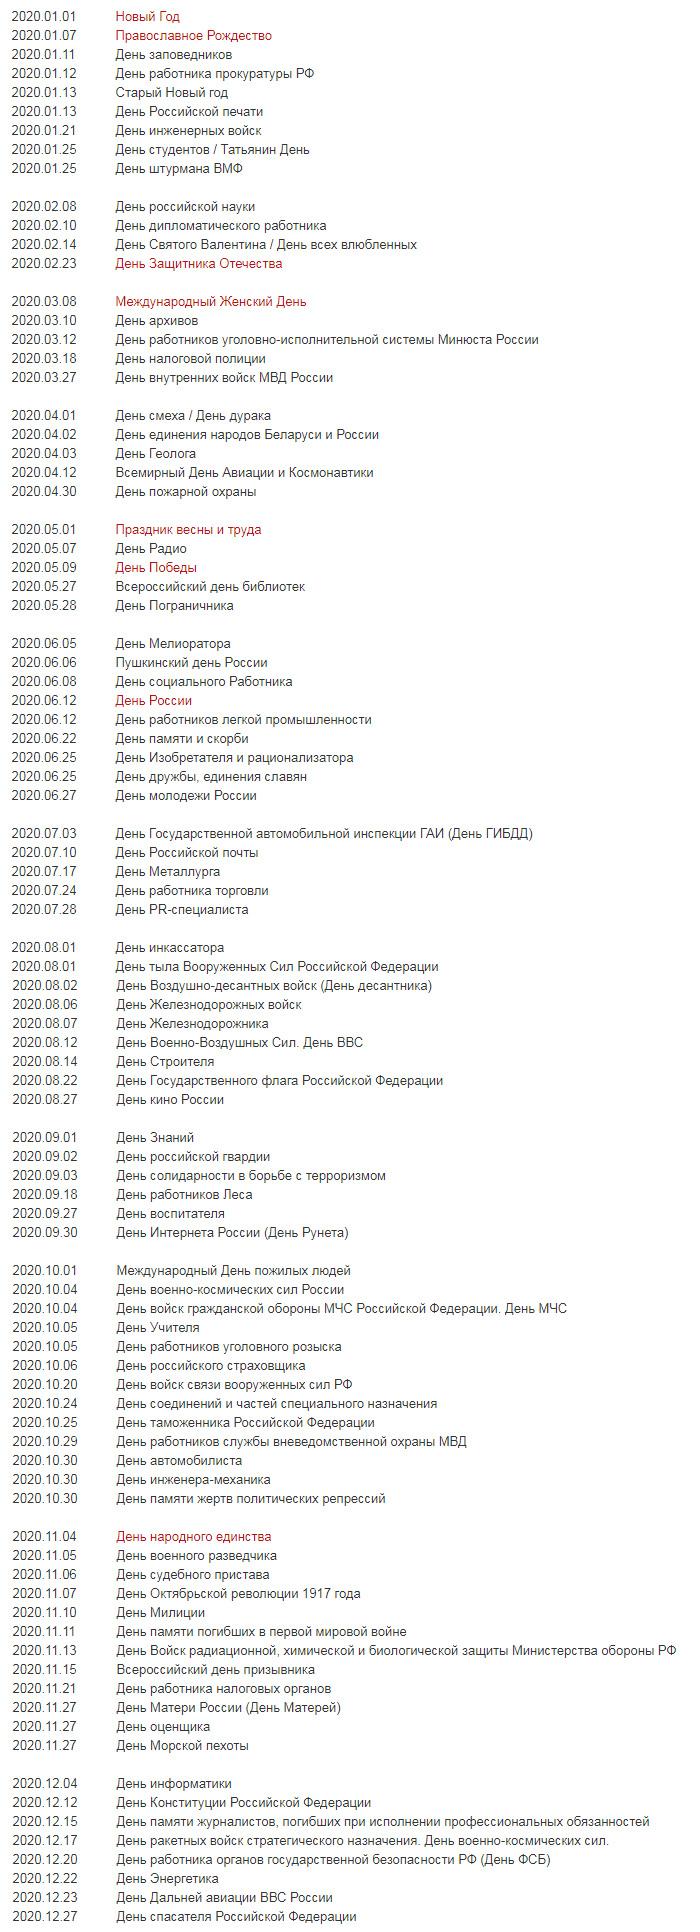 Календарь праздников на 2020 год